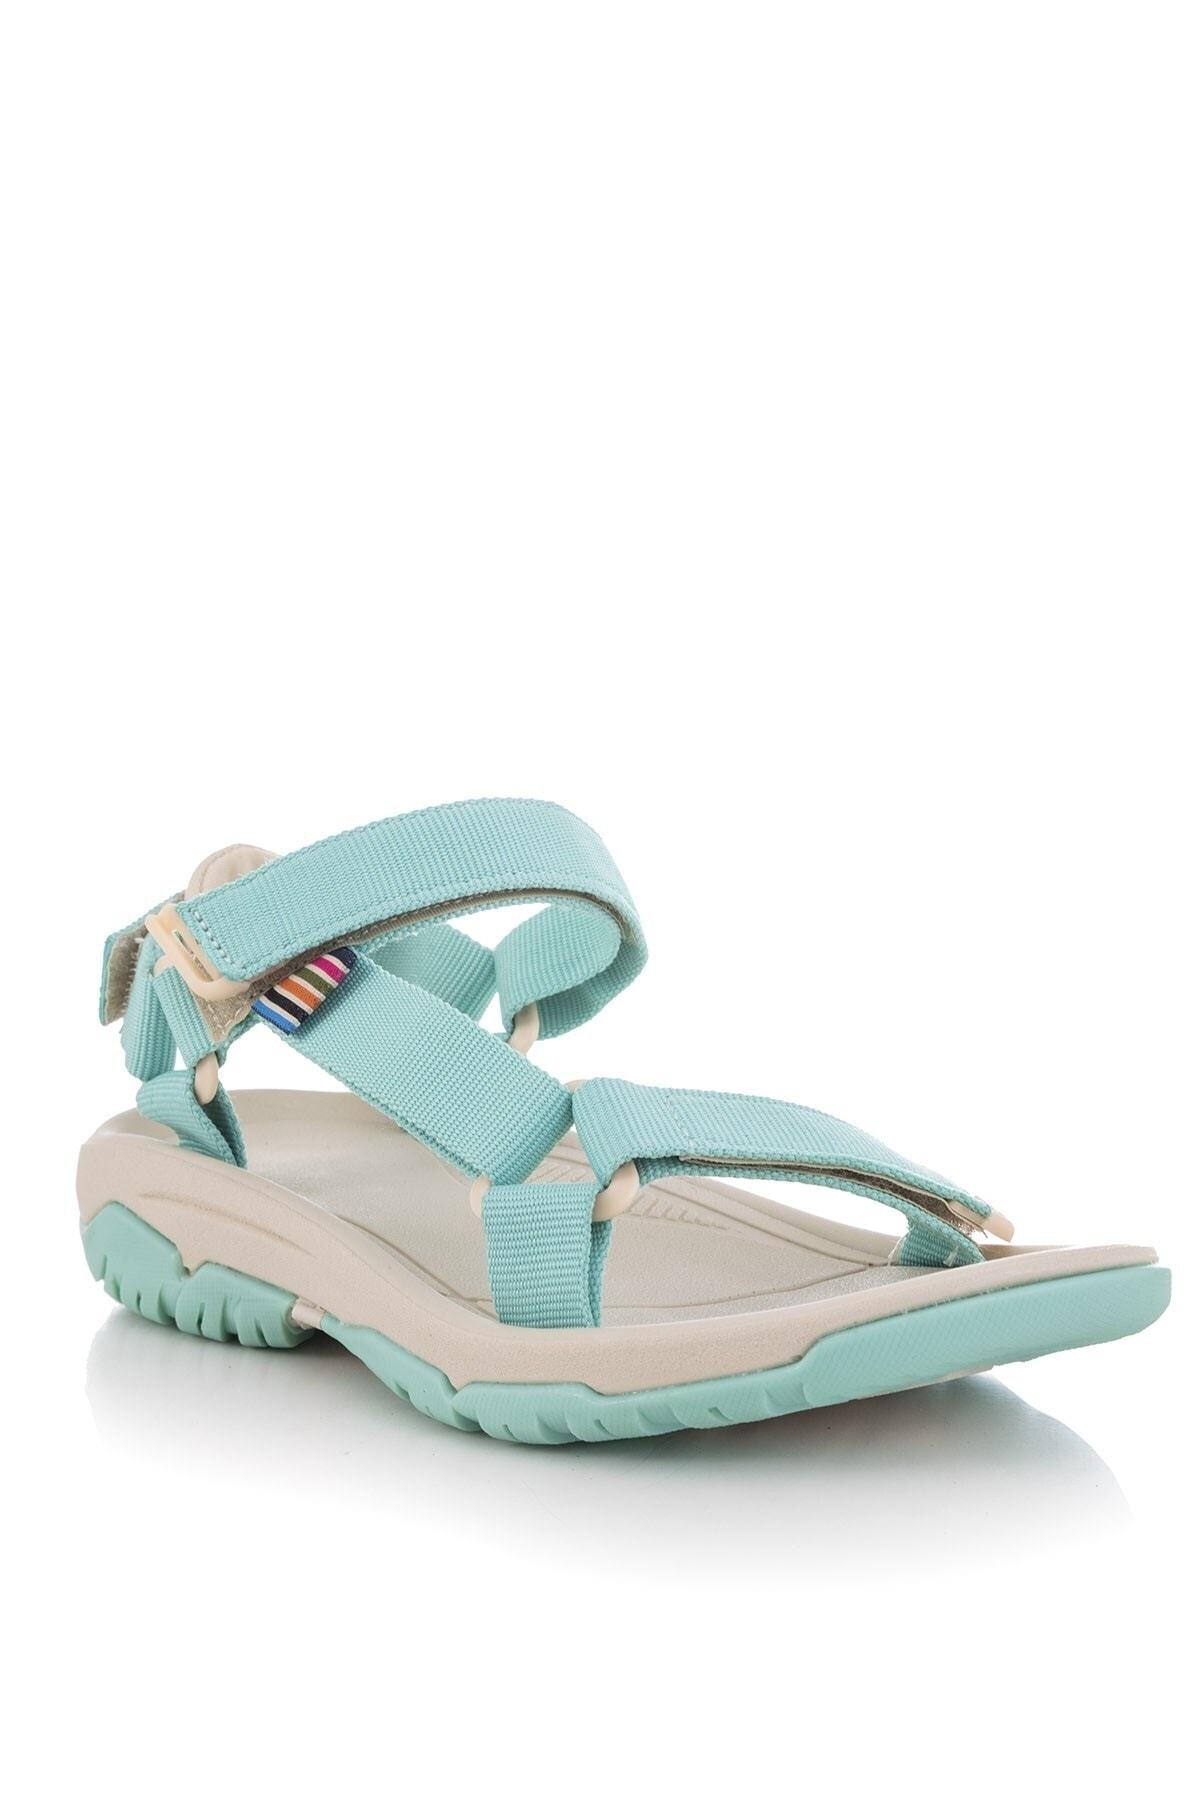 Kadın Mint Step Cırtlı Trekking Sandalet